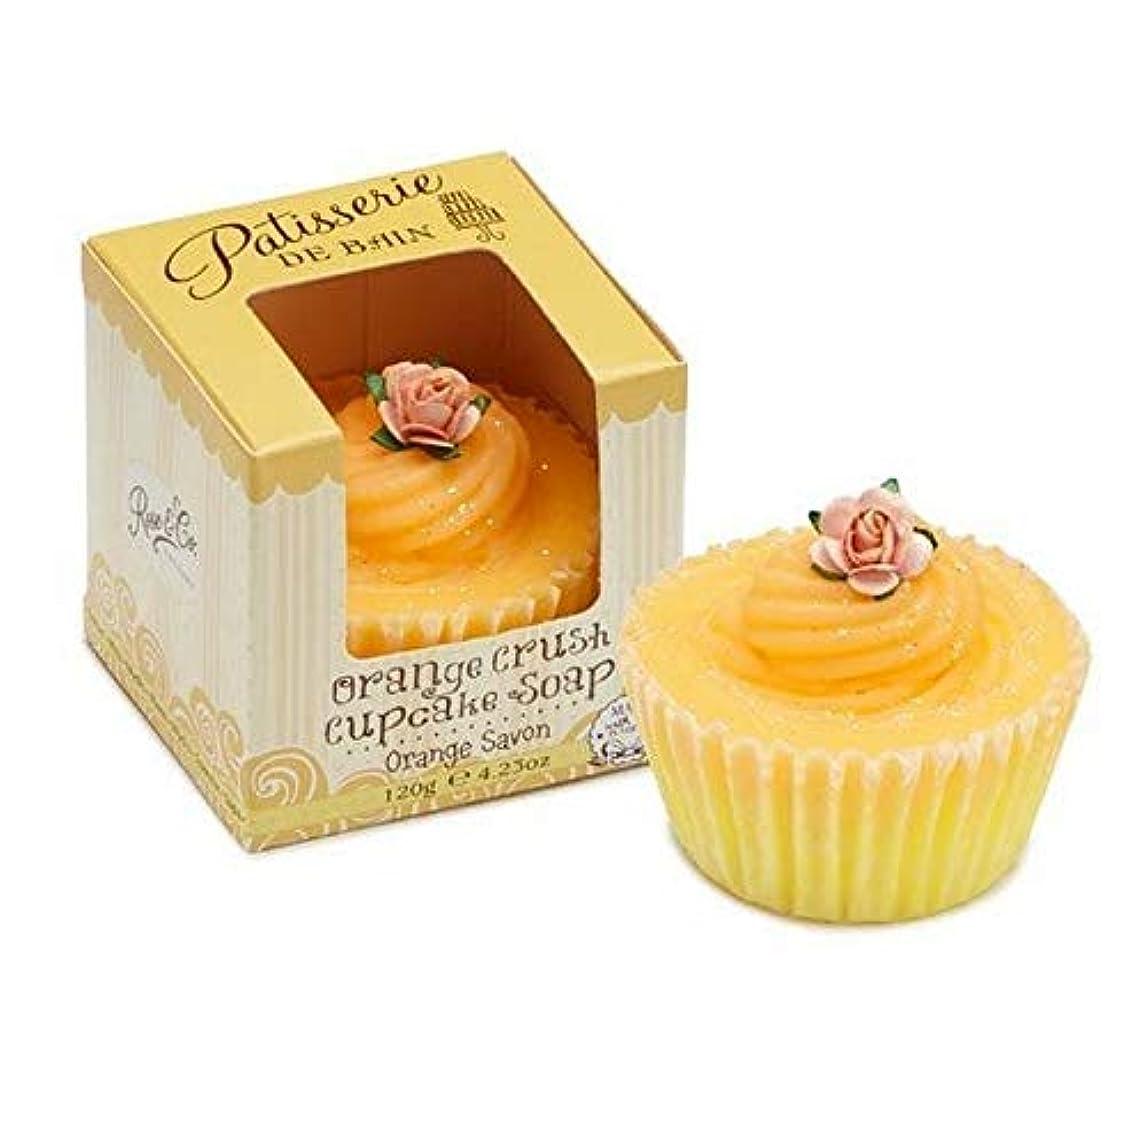 後退するマティス寛大さ[Patisserie de Bain ] パティスリー?ド?ベインオレンジクラッシュカップケーキソープ120グラム - Patisserie de Bain Orange Crush Cupcake soap 120g...